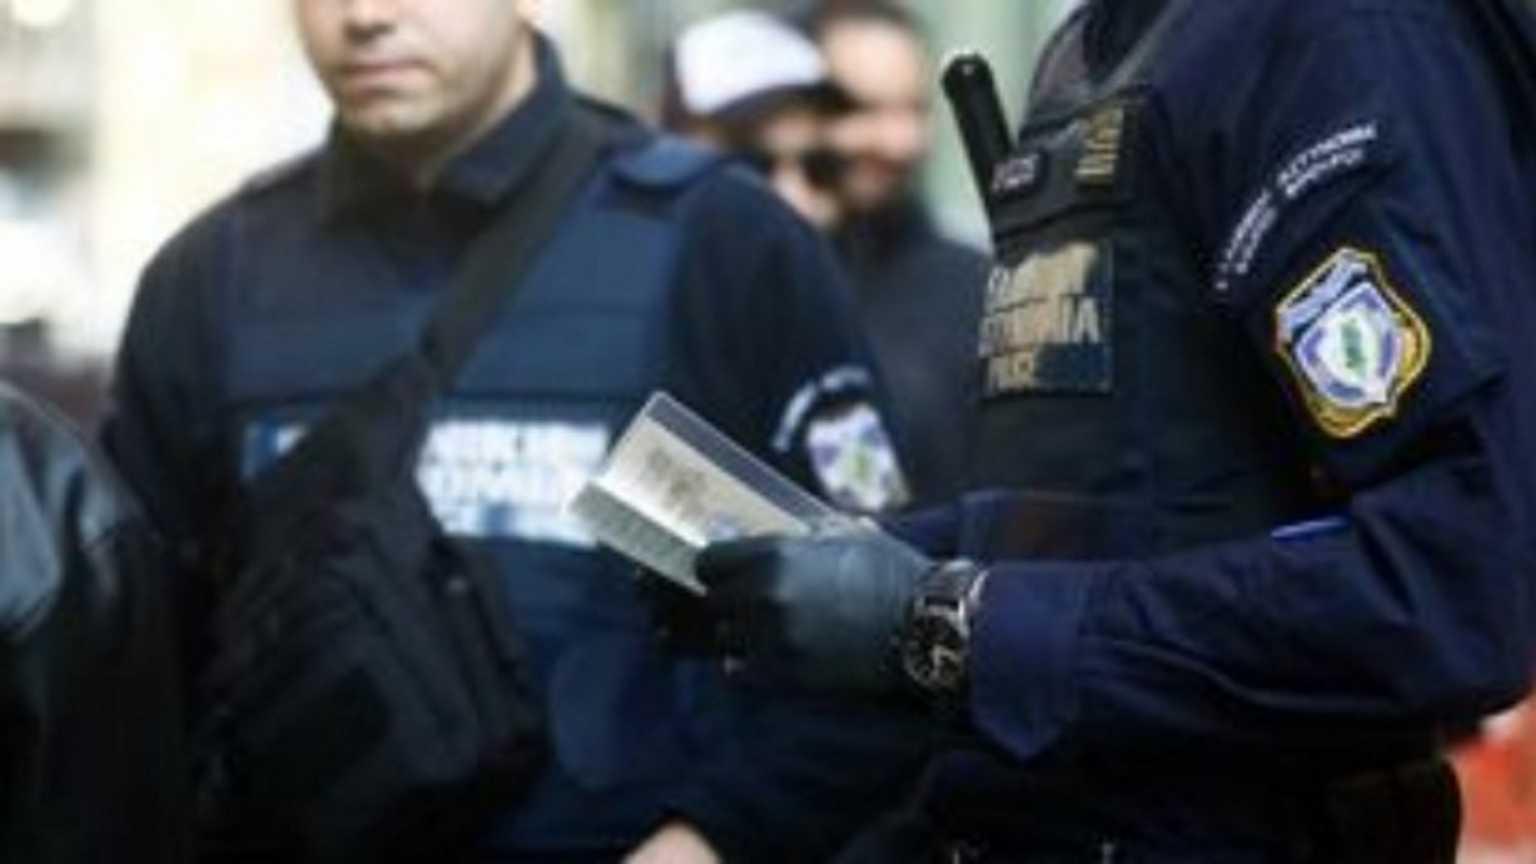 «Έσπασε» την καραντίνα και συνελήφθη – Πρόστιμα σε καφετέριες της Κρήτης για μάσκες